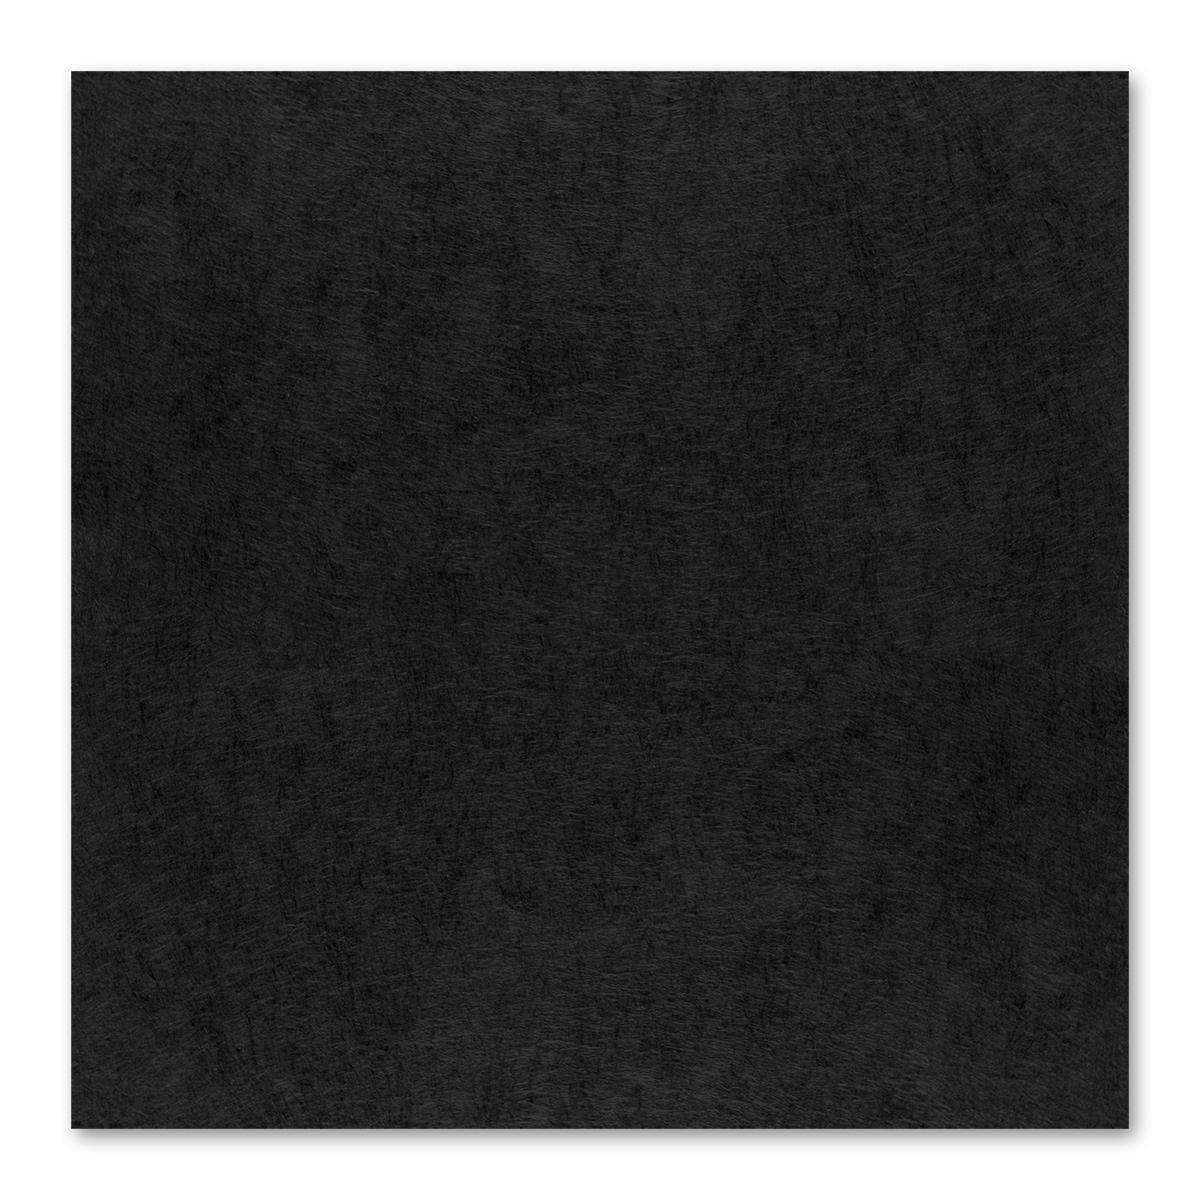 2×2 Black Acoustic Ceiling Tiles